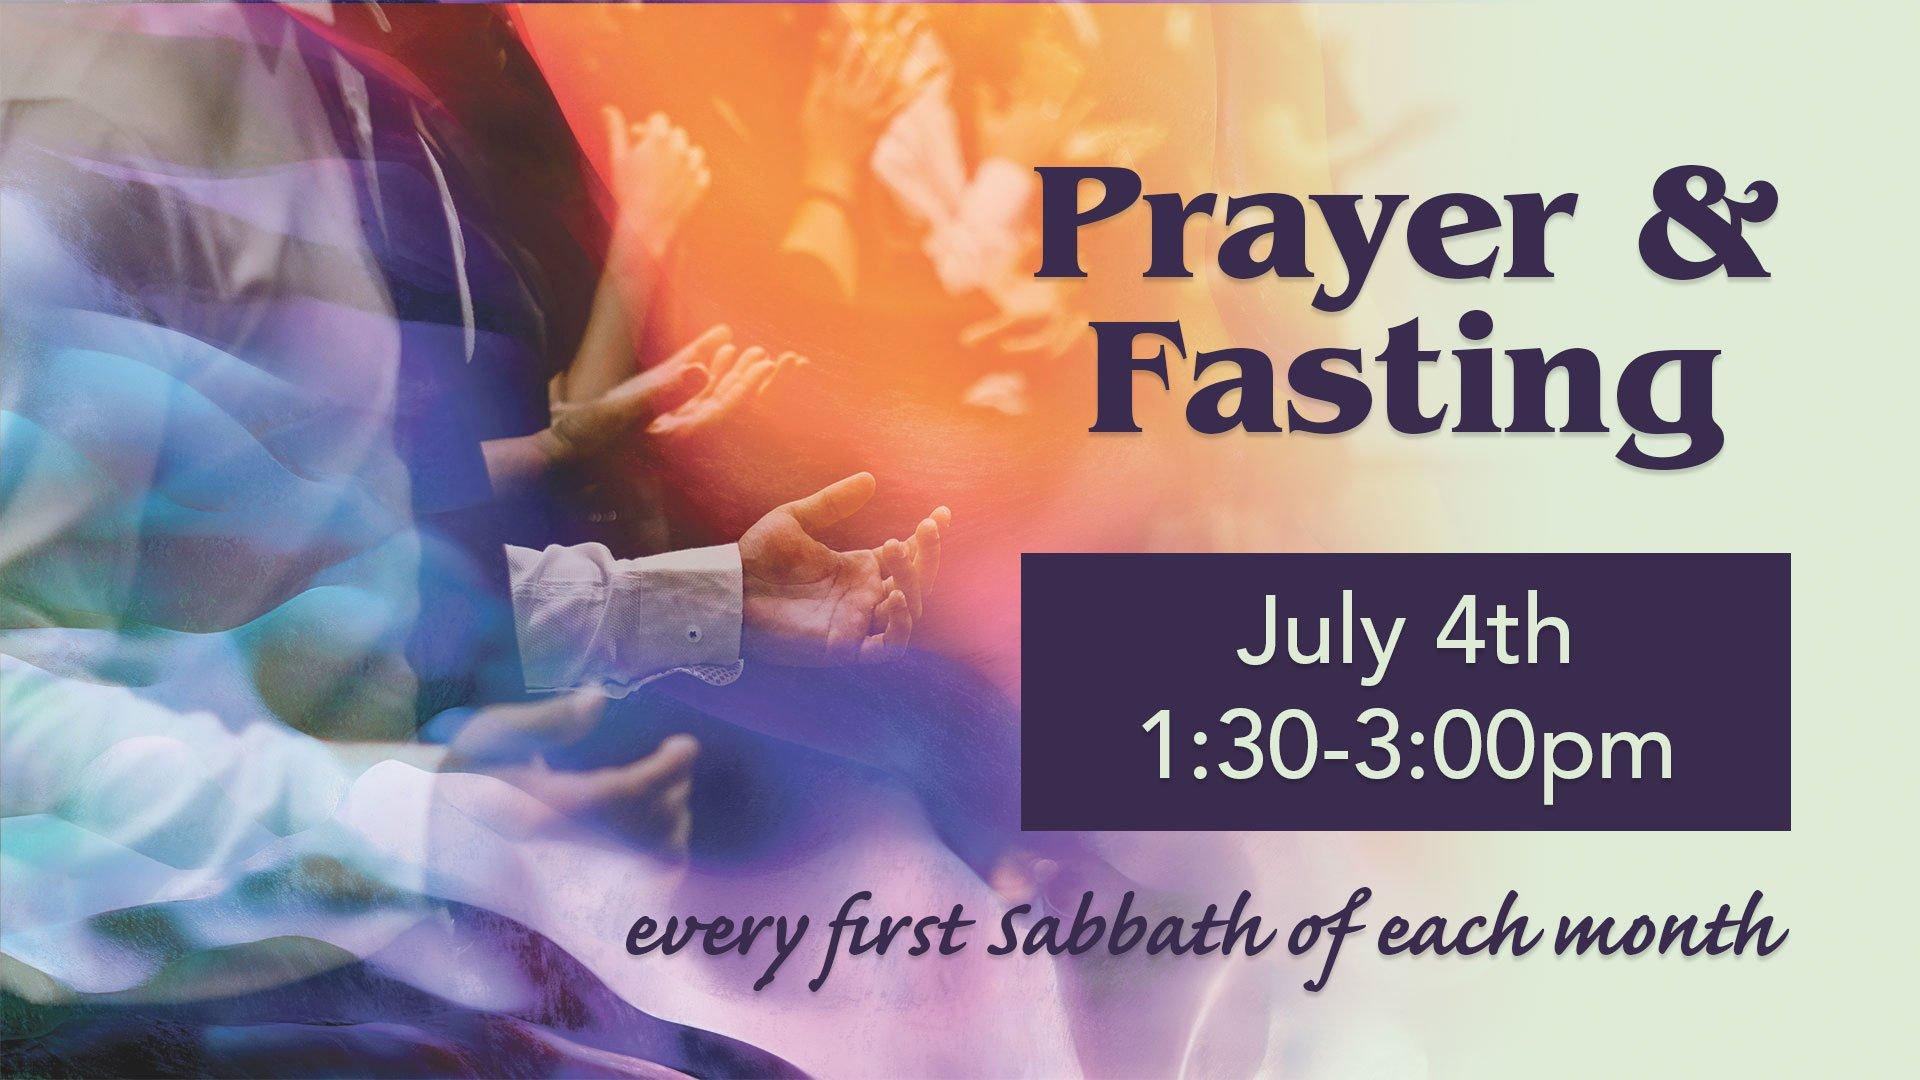 Prayer & Fasting 2020